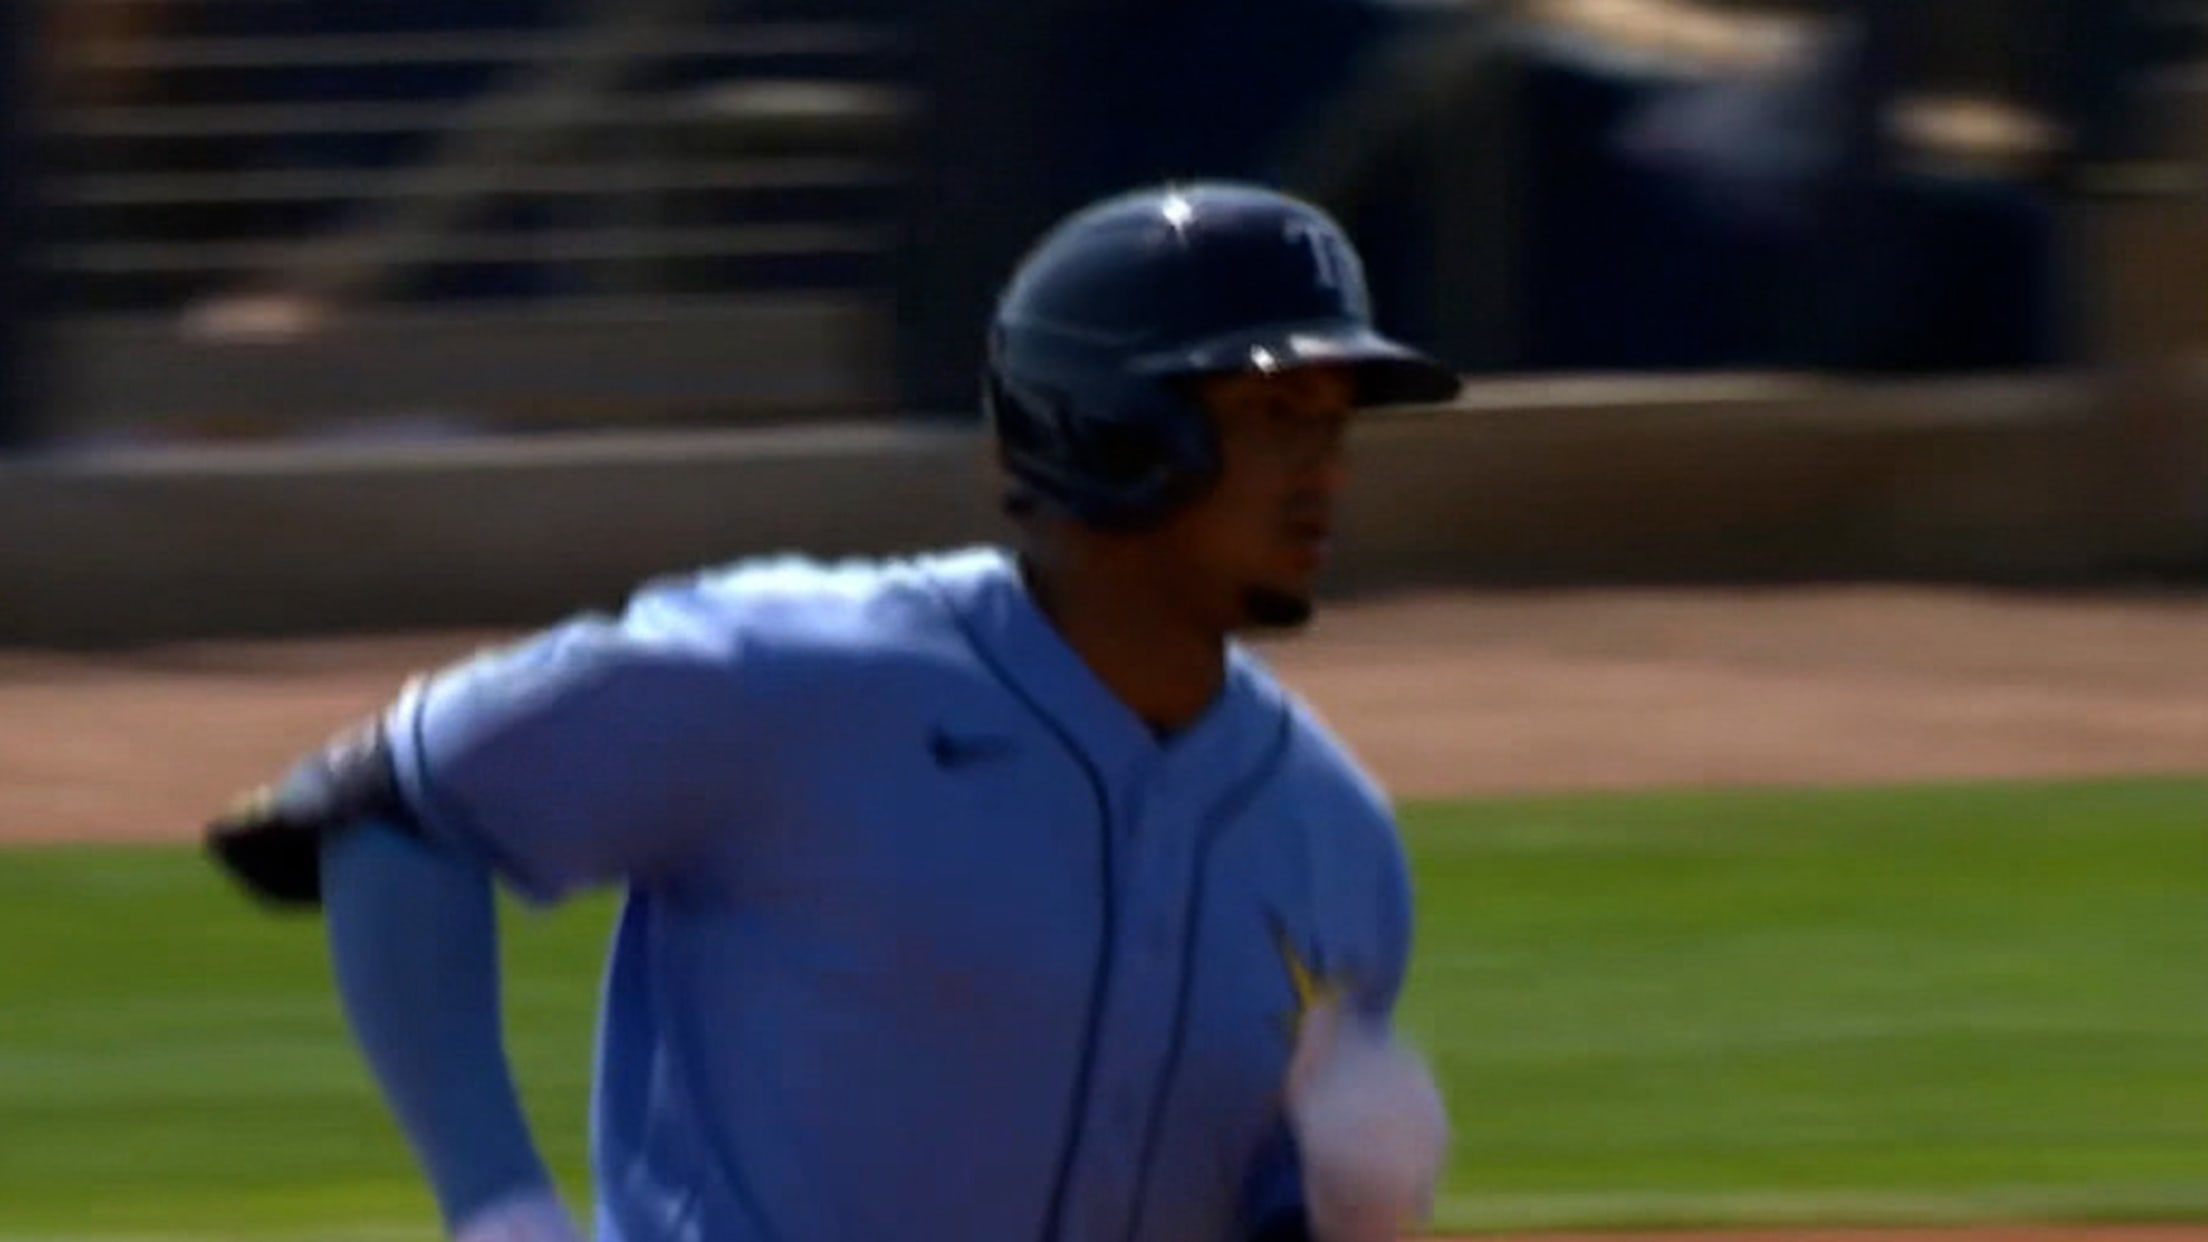 Wander Franco's solo home run